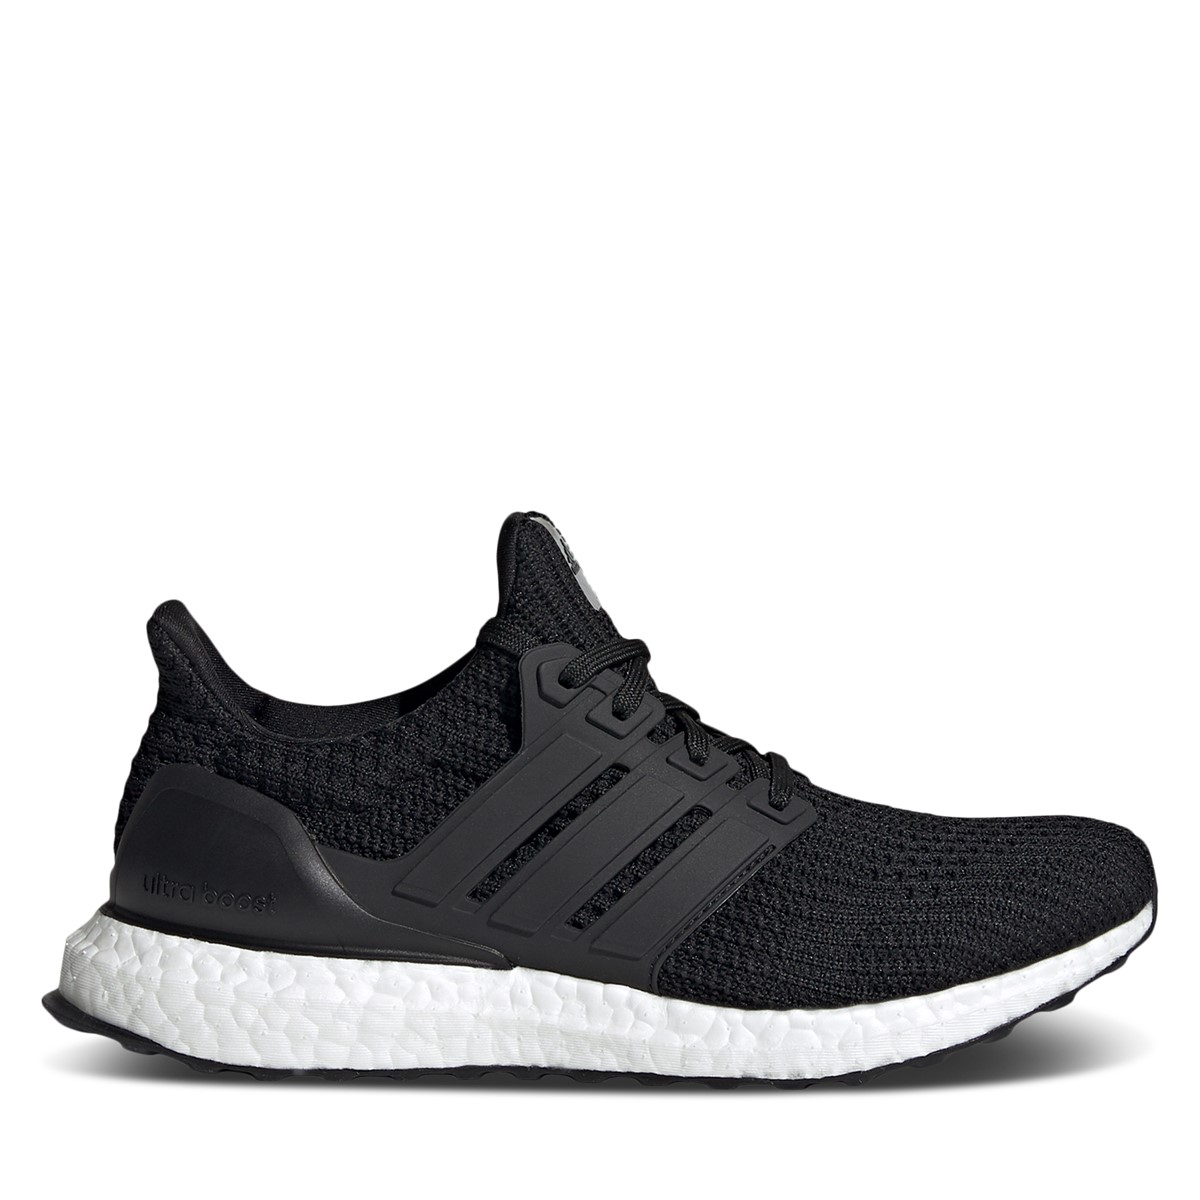 Women's Ultraboost DNA Sneakers in Black/White